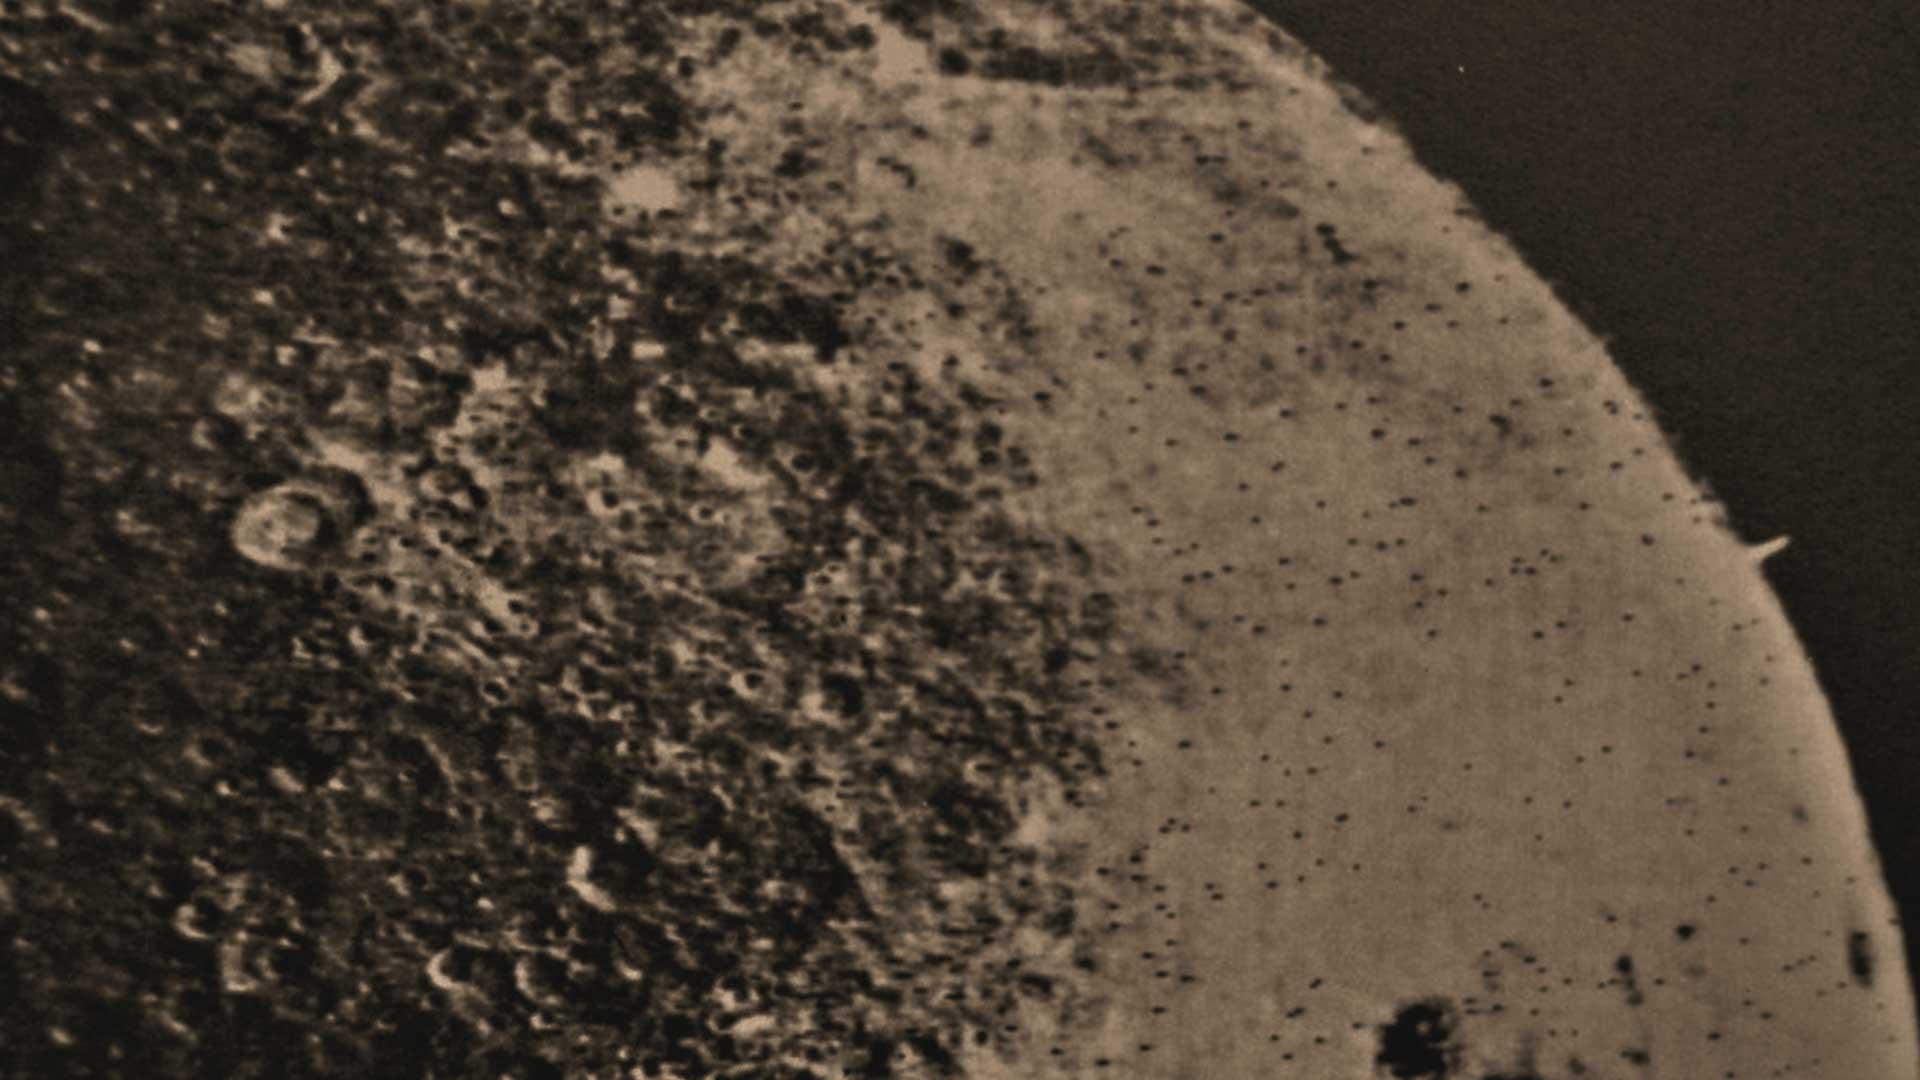 ZOND 3 captura imágenes de una torre situada en la superficie lunar